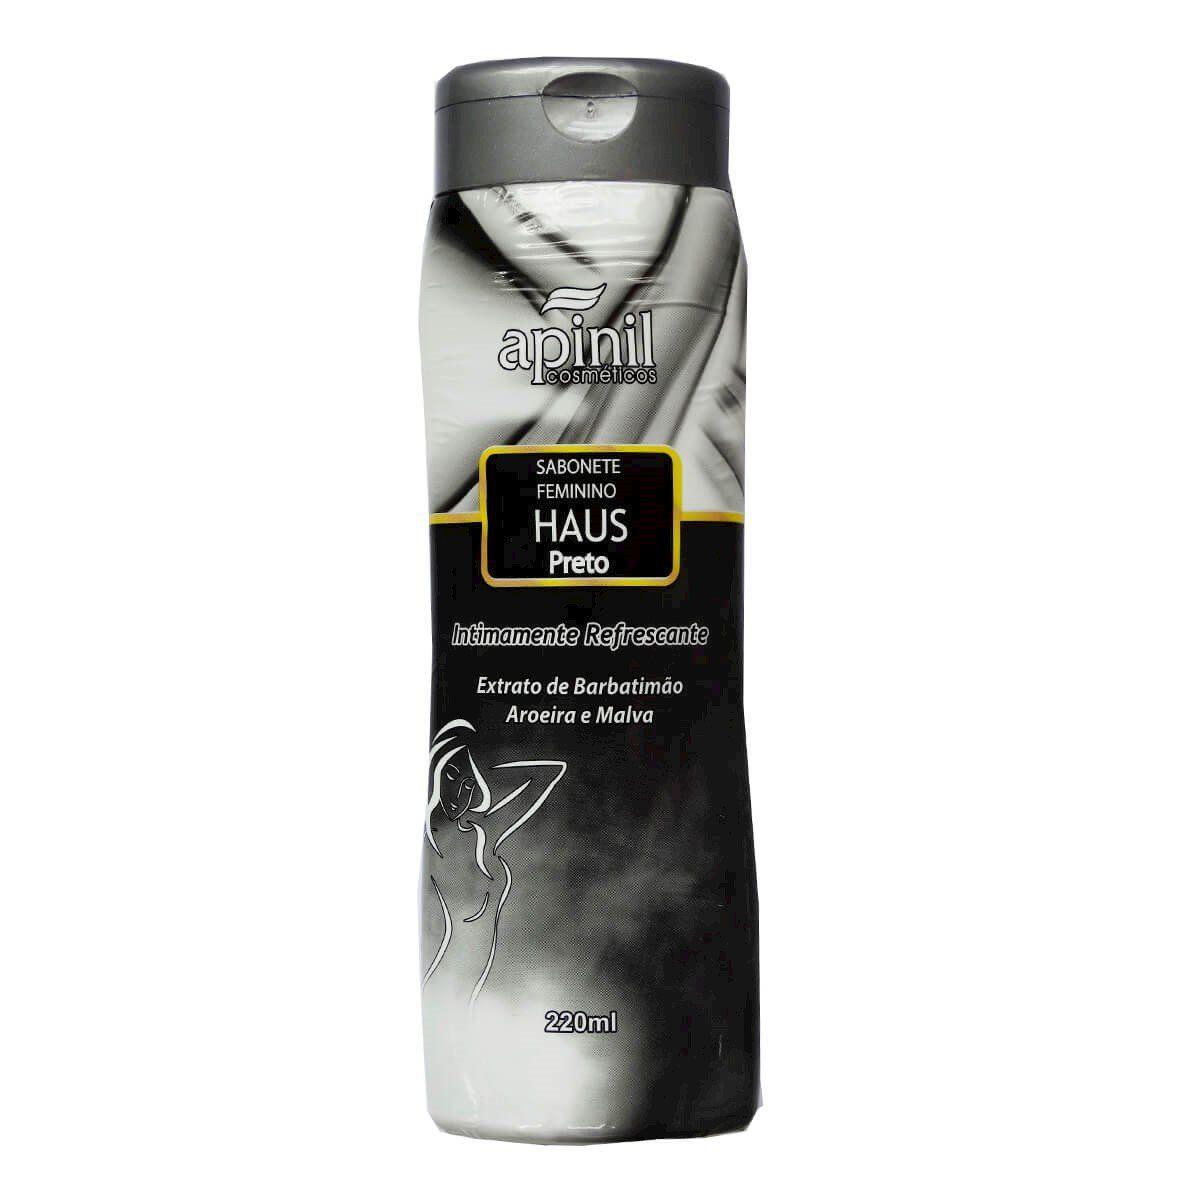 Sabonete íntimo feminino refrescante de halls preto